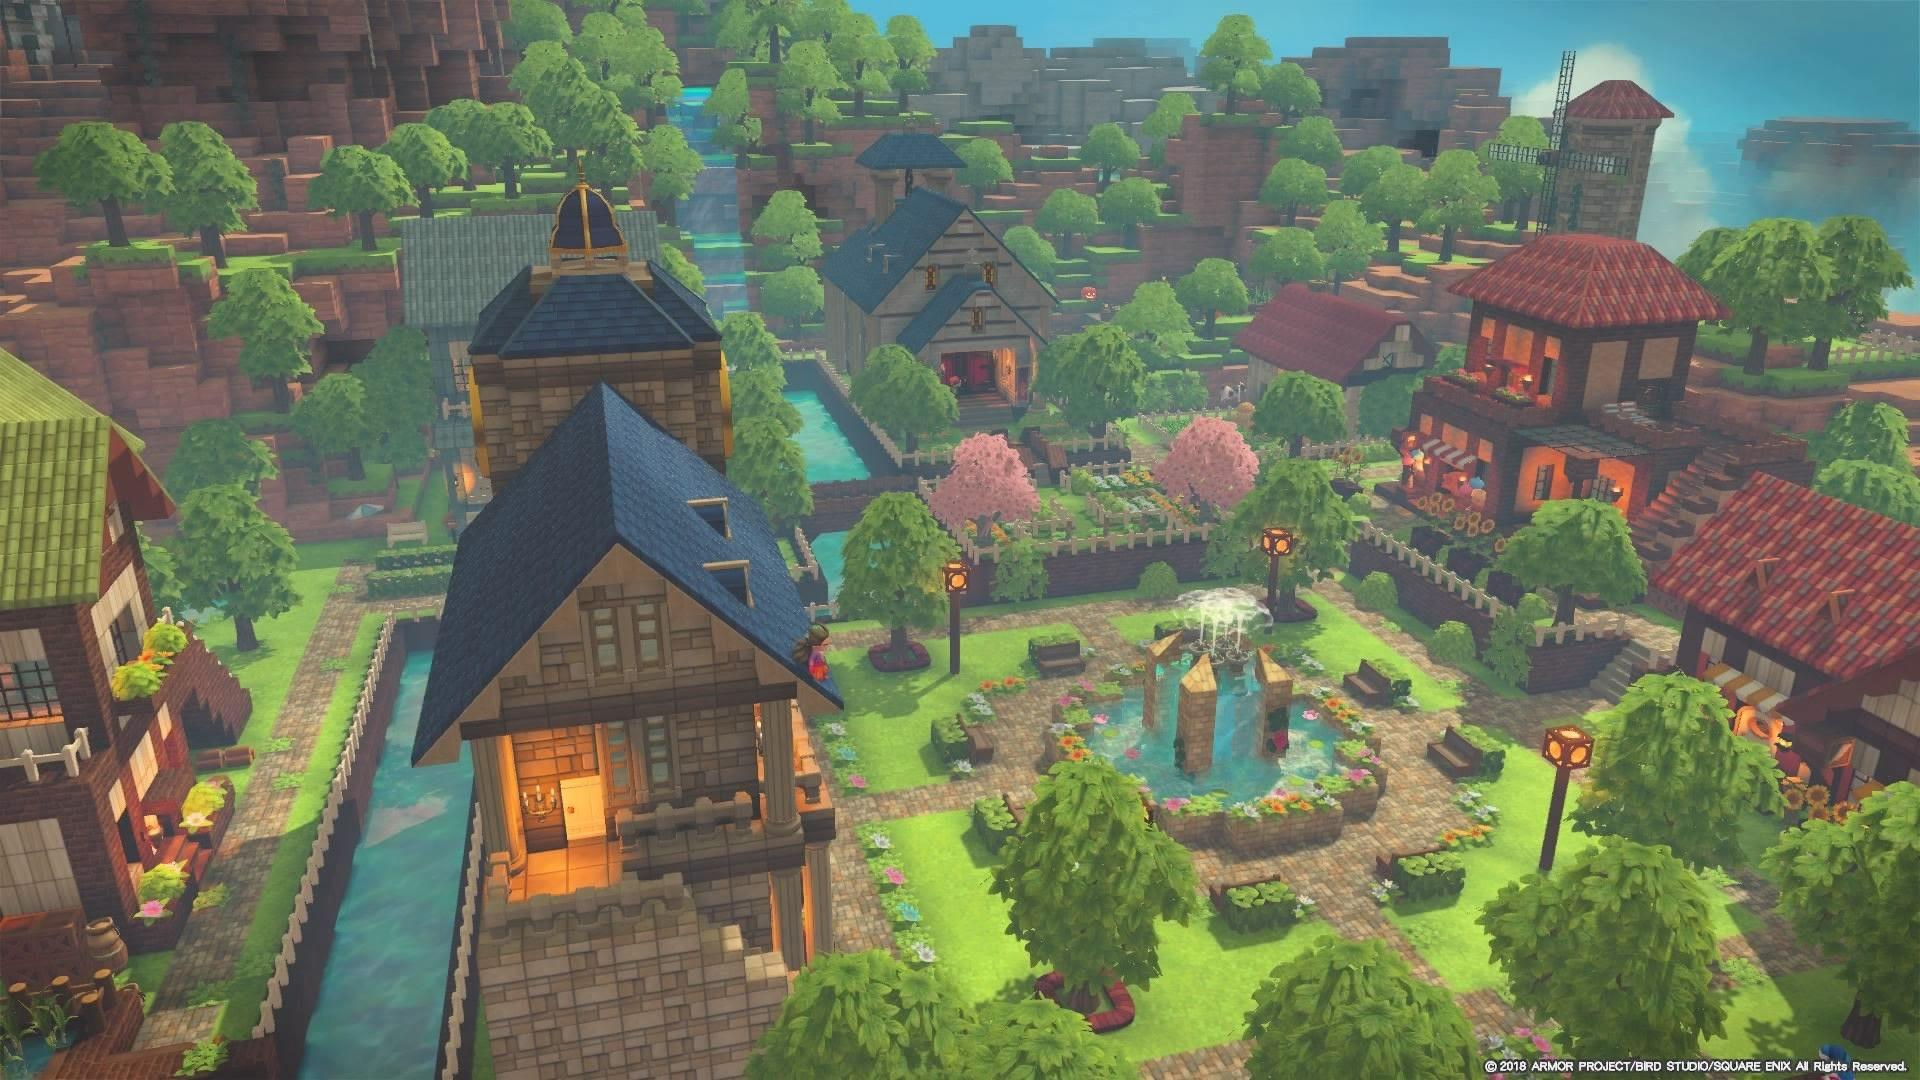 ビルダーズギャラリー ドラゴンクエストビルダーズ2 Square Enix マインクラフトの家 風景 マインクラフト